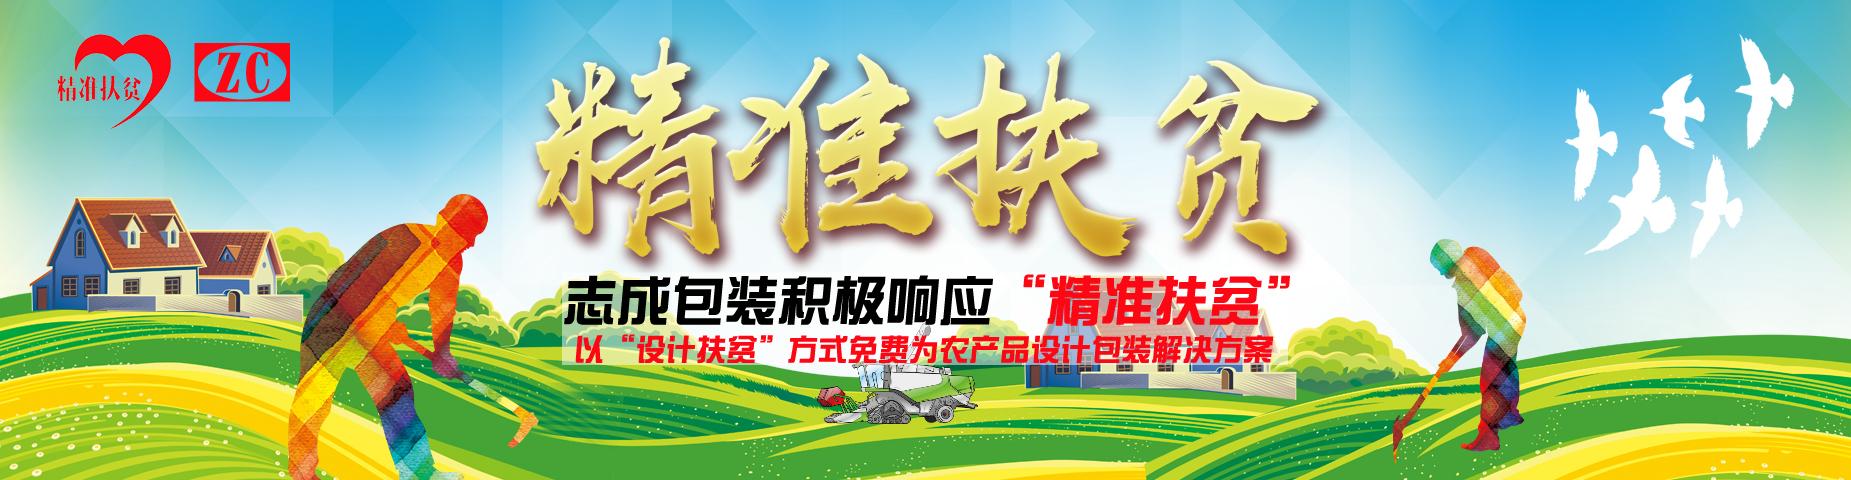 湖南raybet雷竞技客户端厂 | 高品质raybet雷竞技客户端生产厂家 - 长沙志成raybet雷竞技客户端